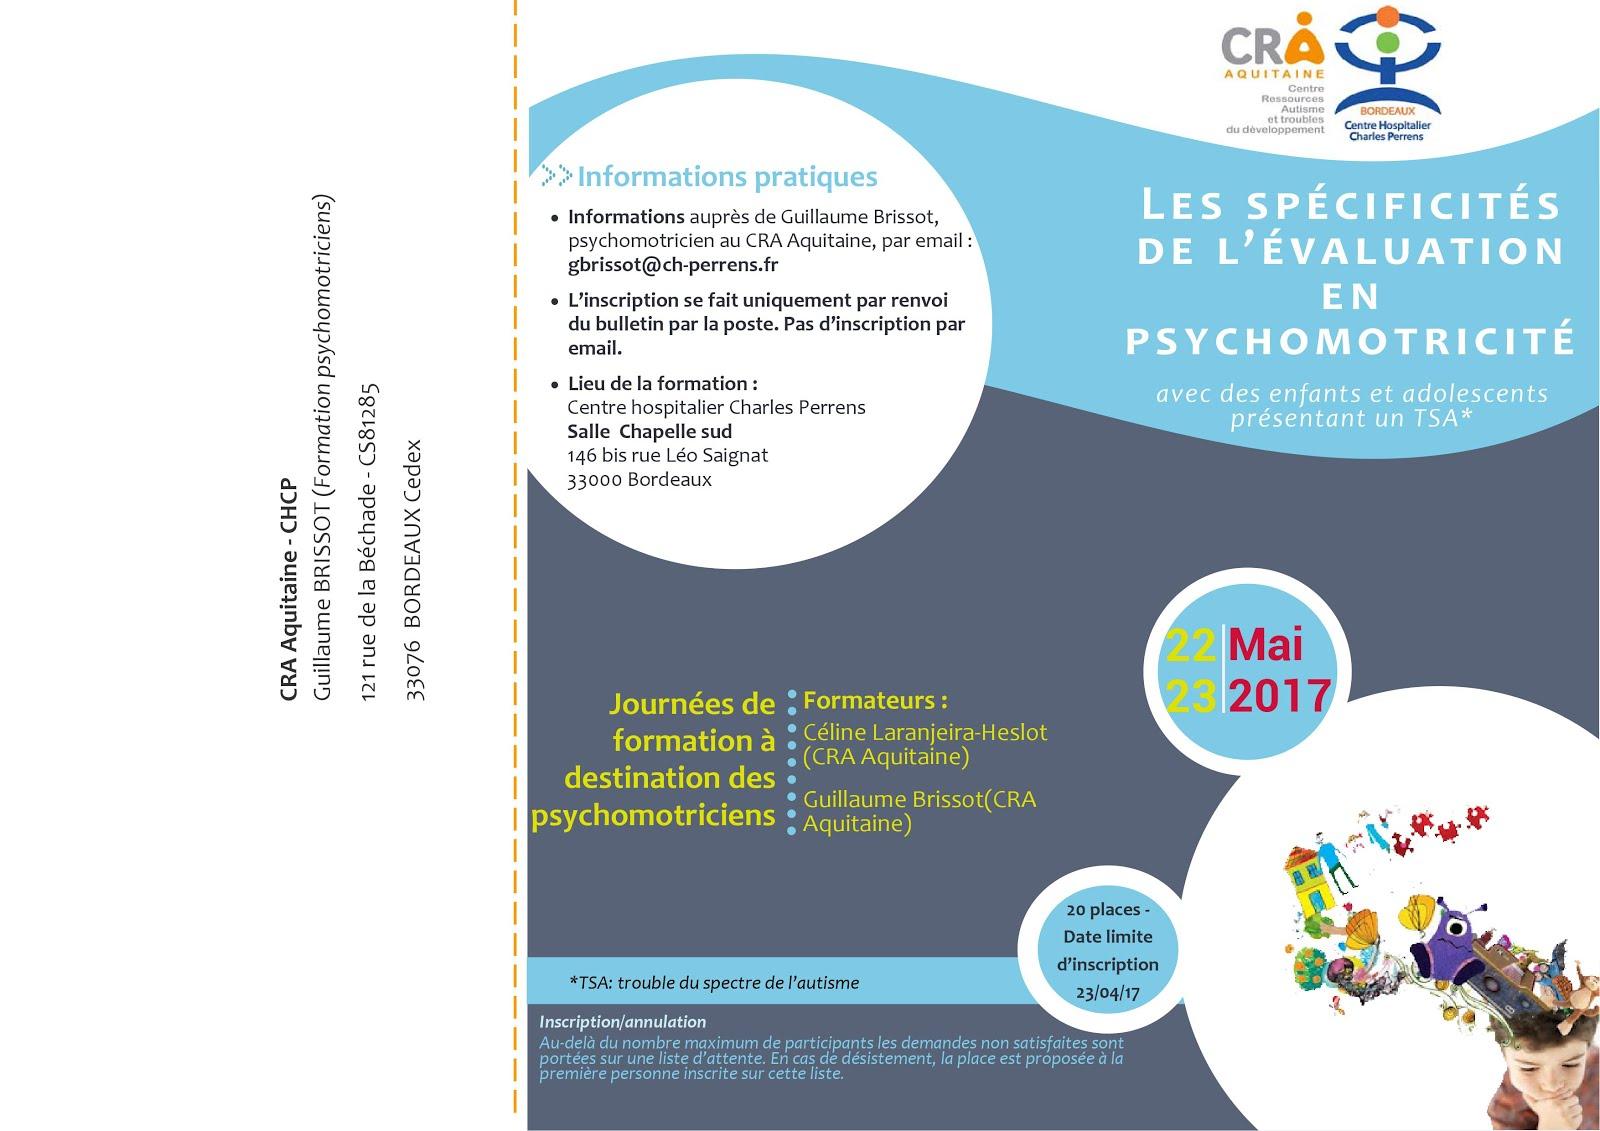 Les spécificités de l'évaluation en psychomotricité